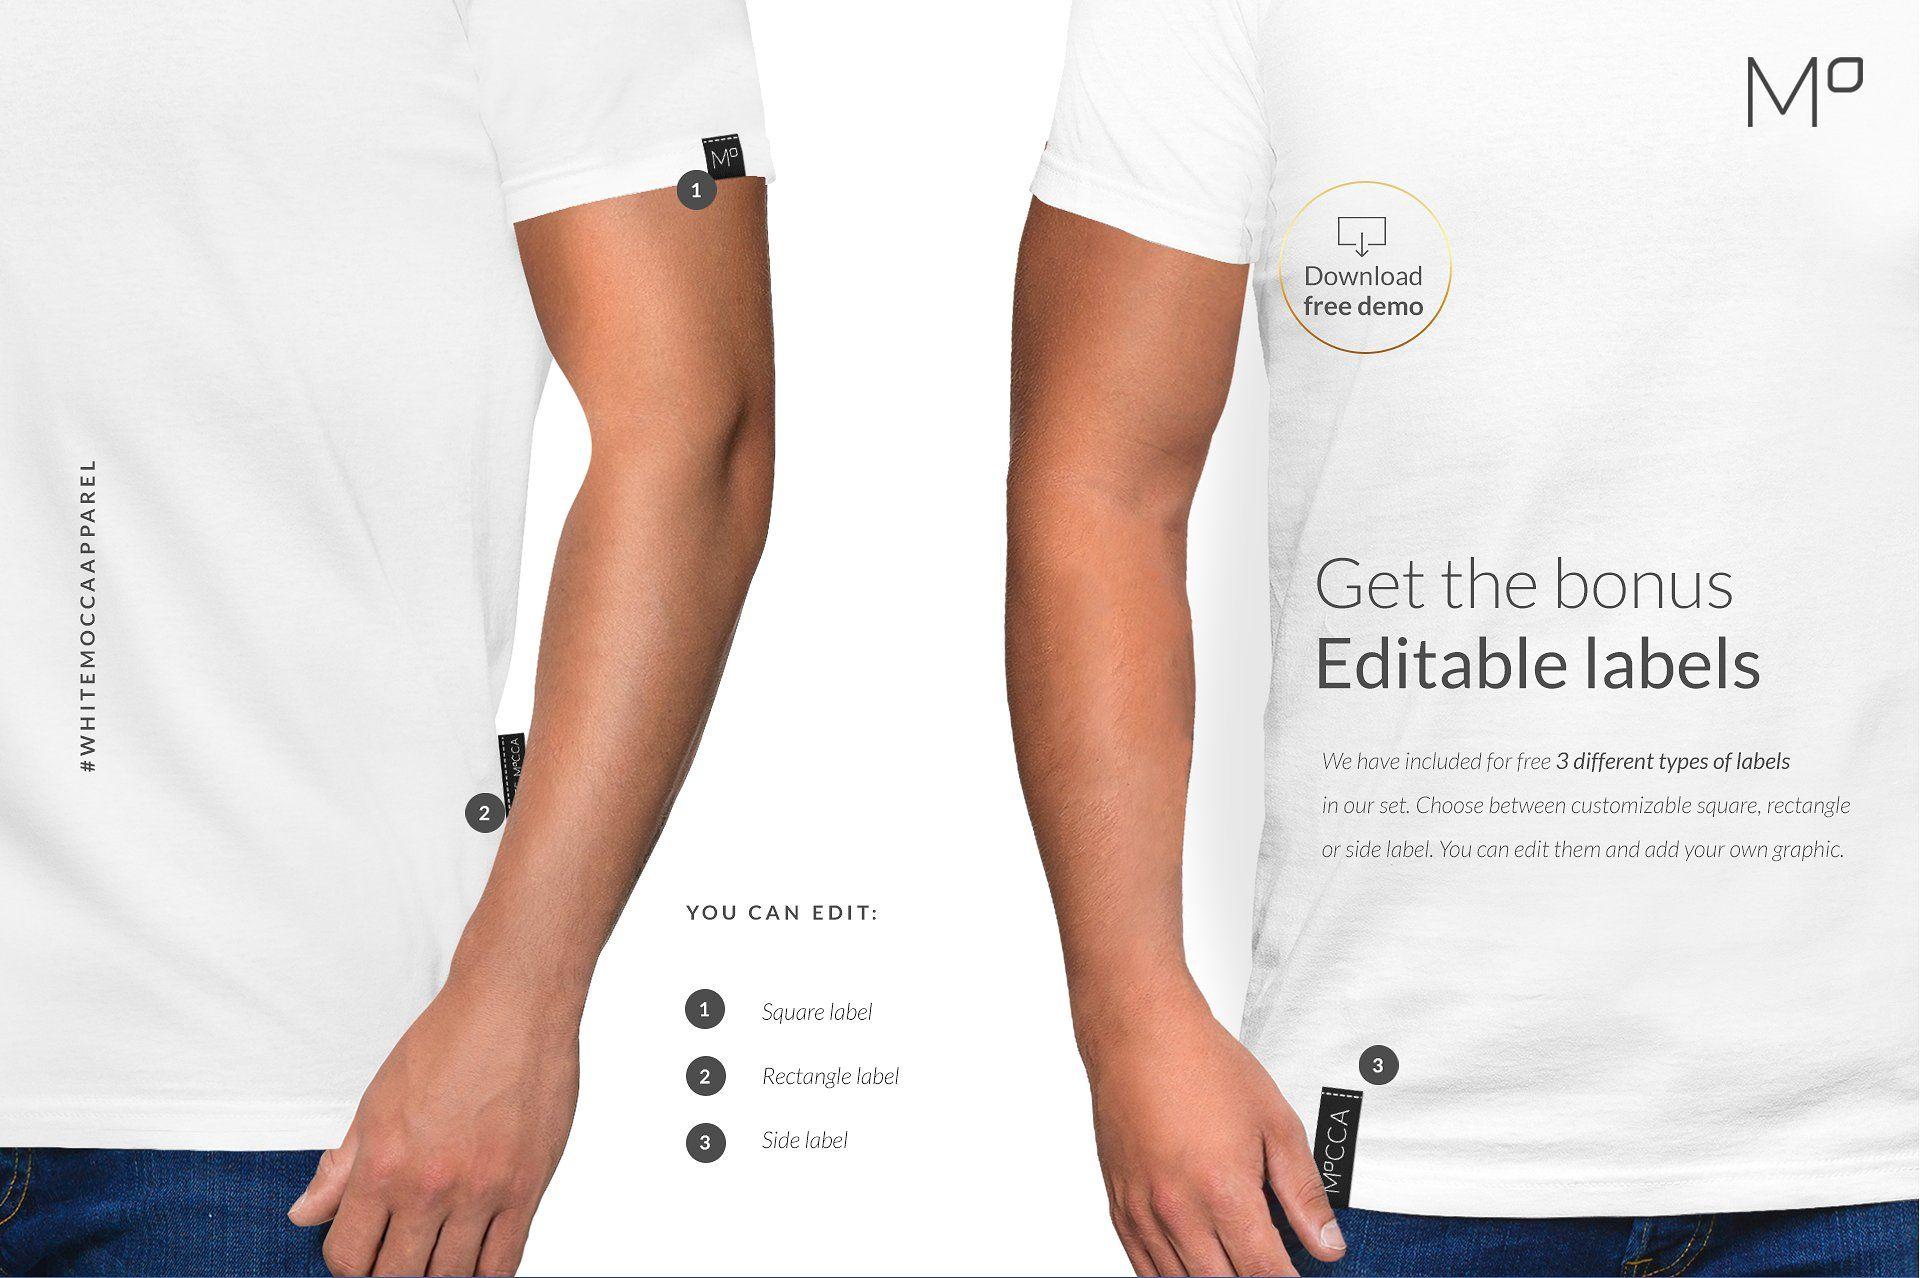 Download Men T Shirt Mockups Set Free Demo Shirt Mockup Selling Photos Mens Tshirts